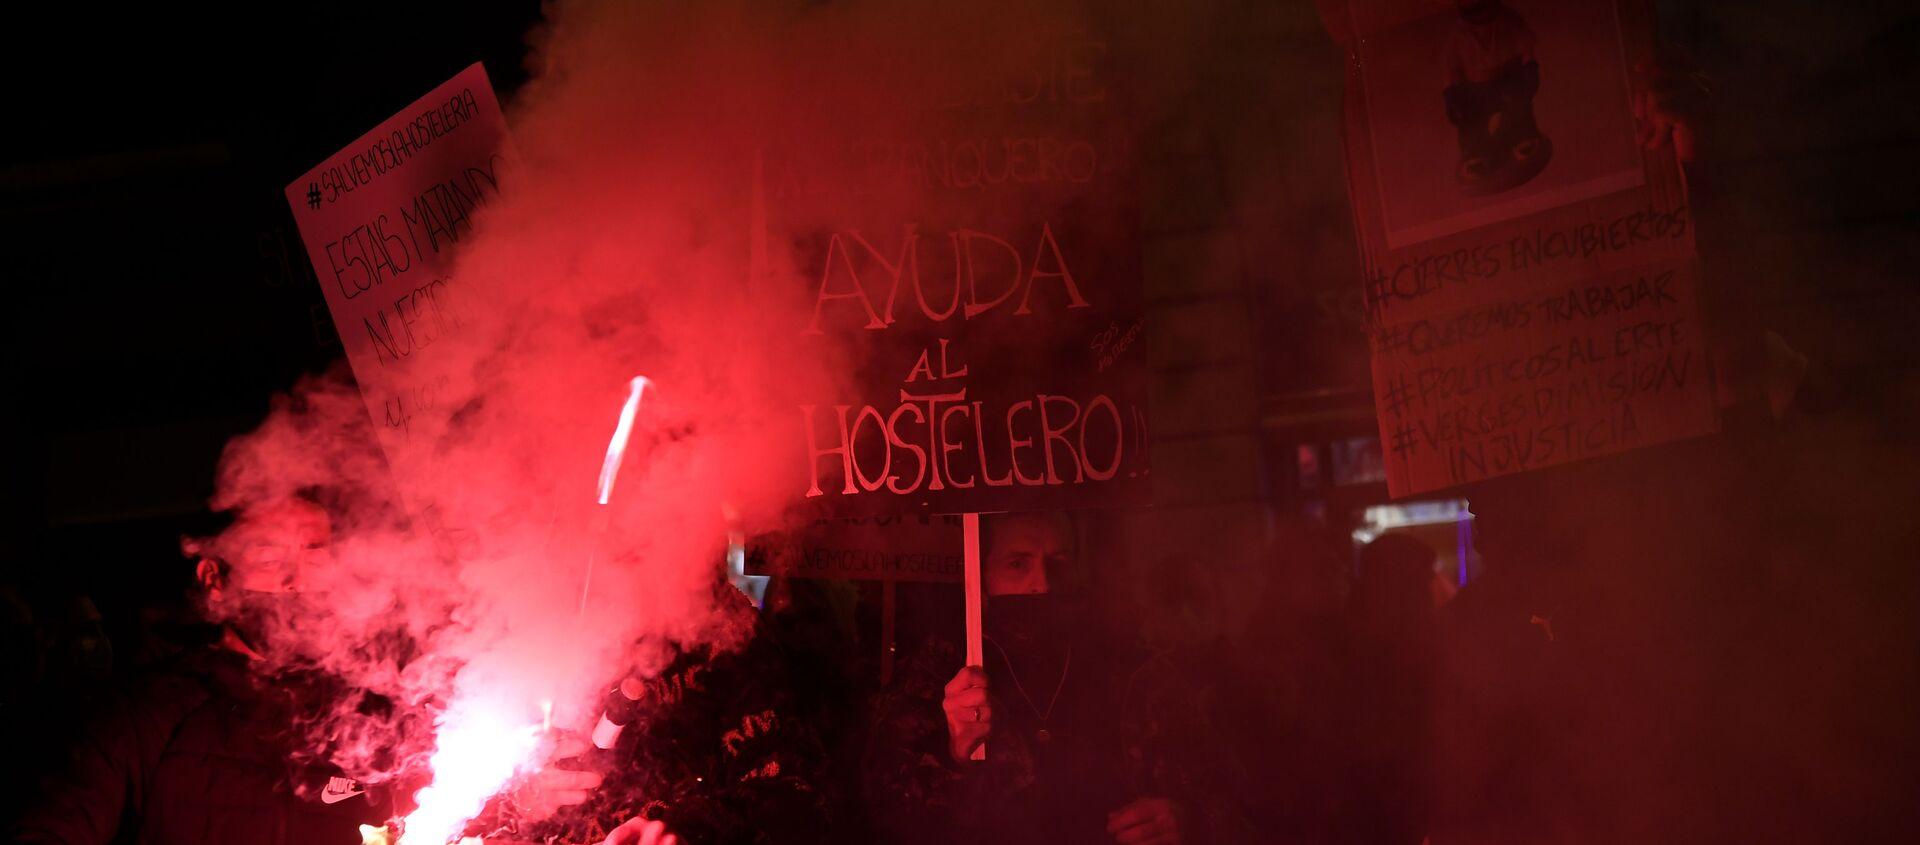 Manifestación de hosteleros en Barcelona el 21 de diciembre - Sputnik Mundo, 1920, 22.12.2020